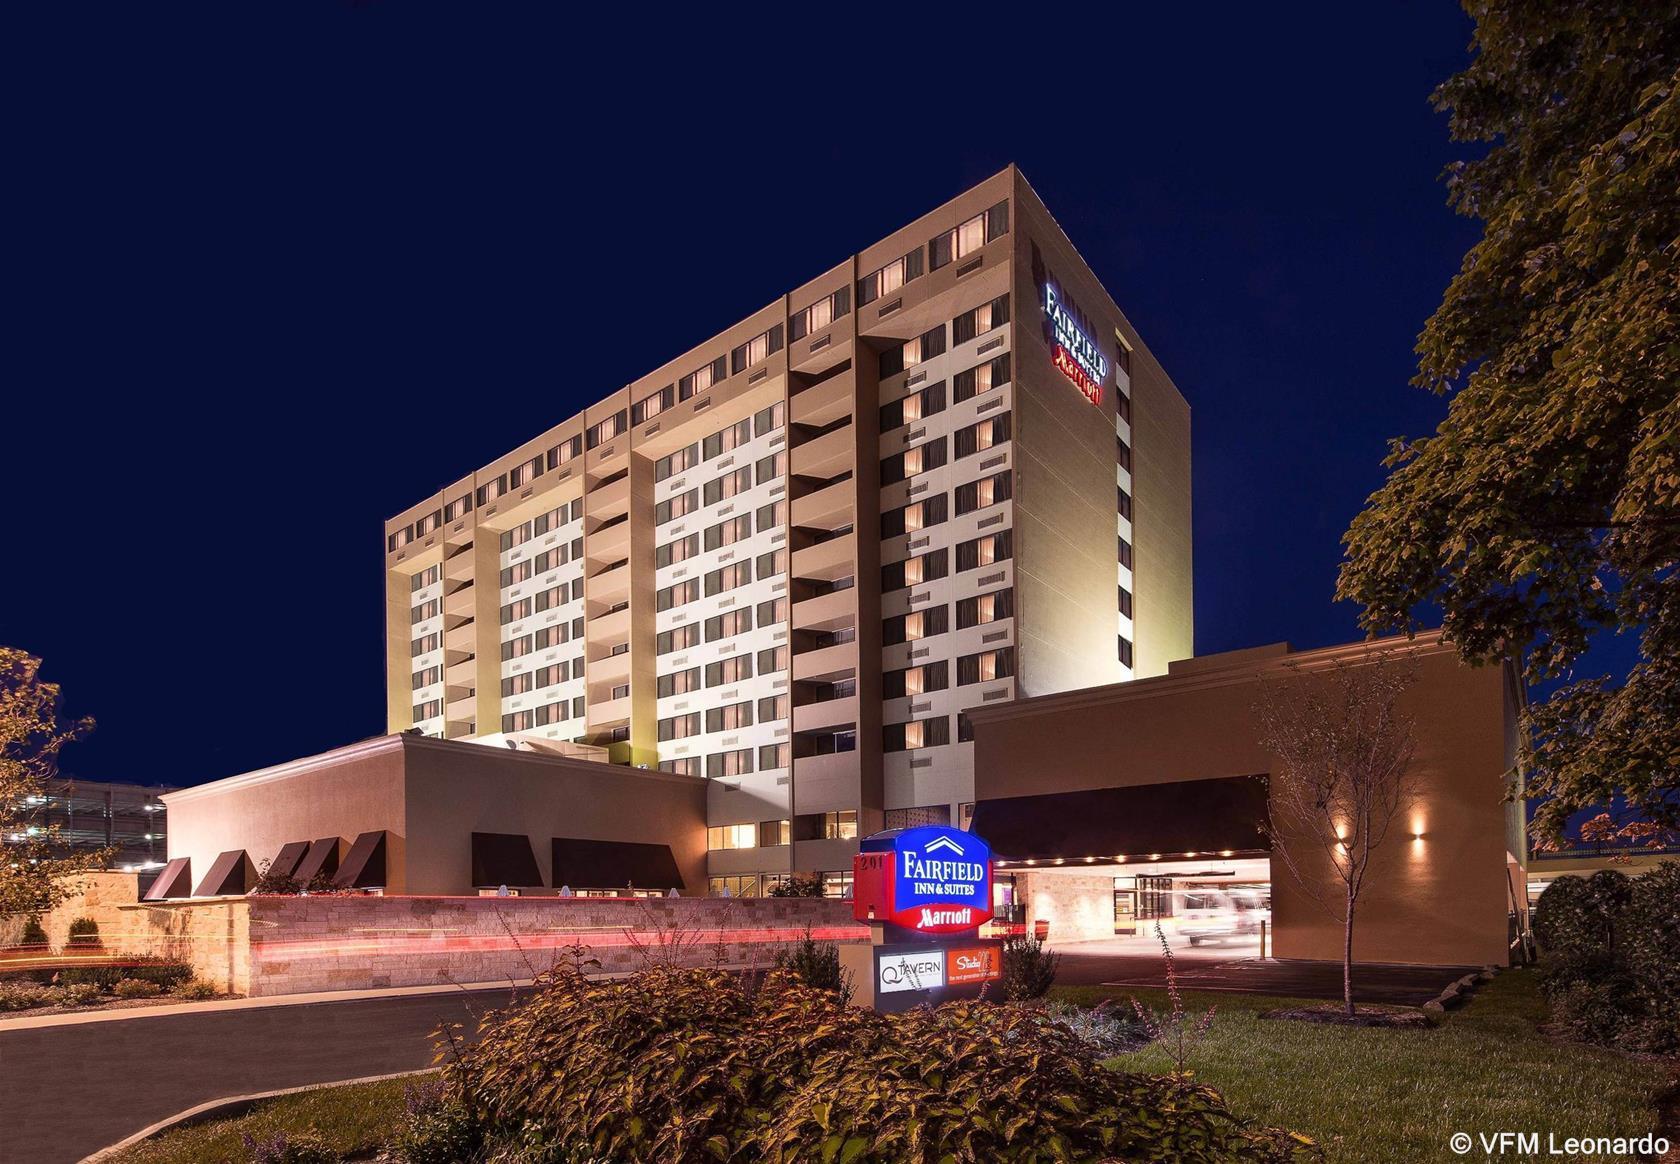 Fairfield Inn & Suites Charlotte Uptown, Mecklenburg